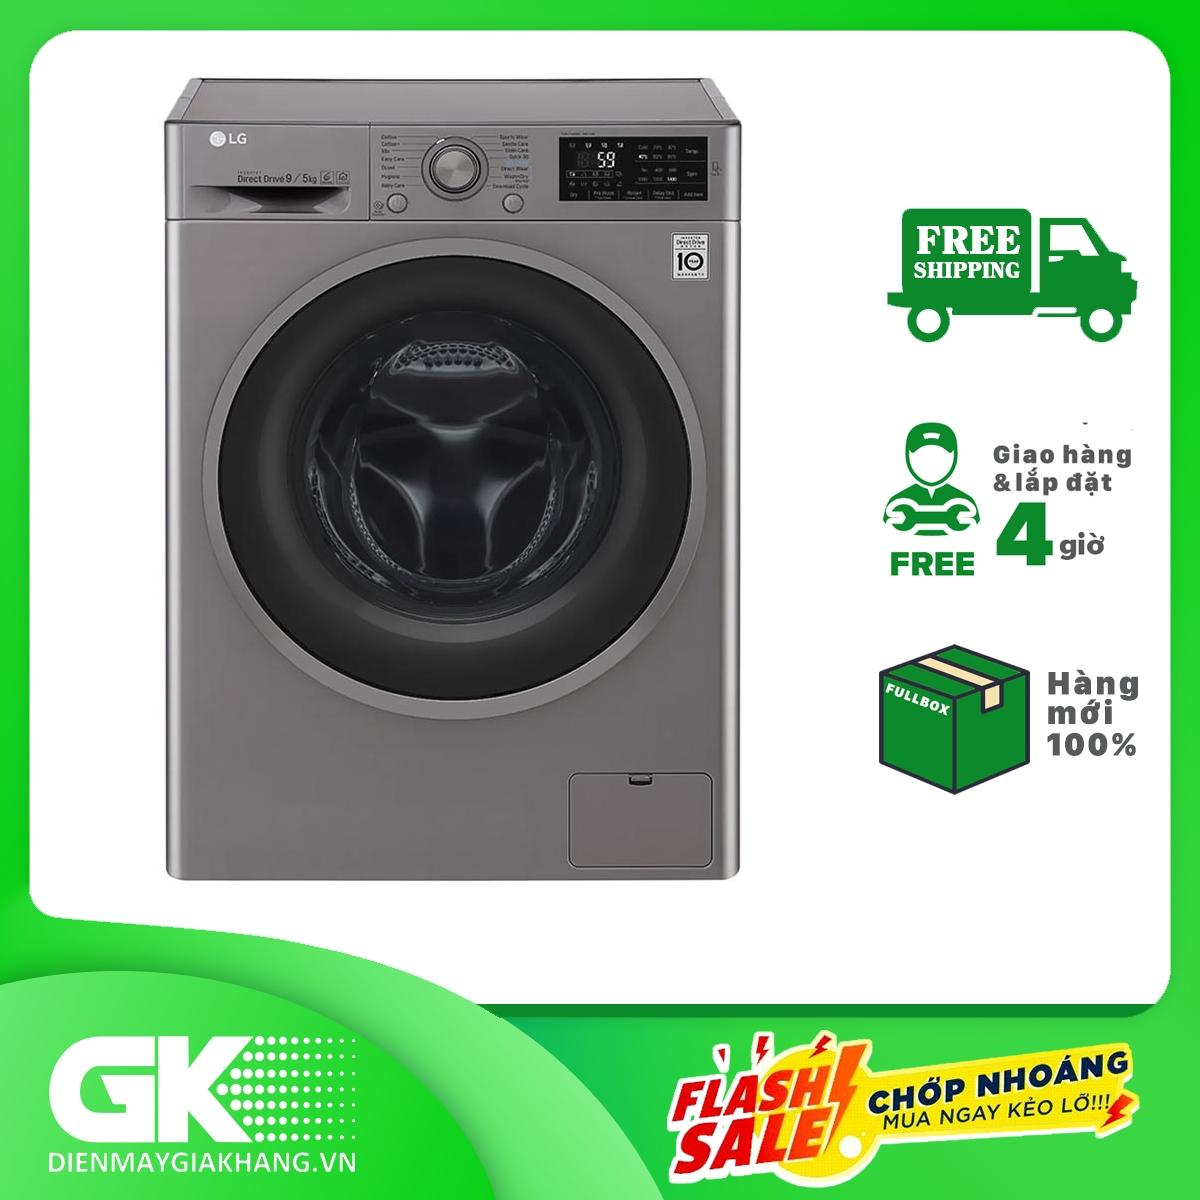 Máy Giặt Sấy Cửa Trước Inverter LG FC1409D4E (xám), công nghệ Inverter tiết kiệm điện nước tối ưu, vận hành êm ái - Bảo hành 24 tháng.